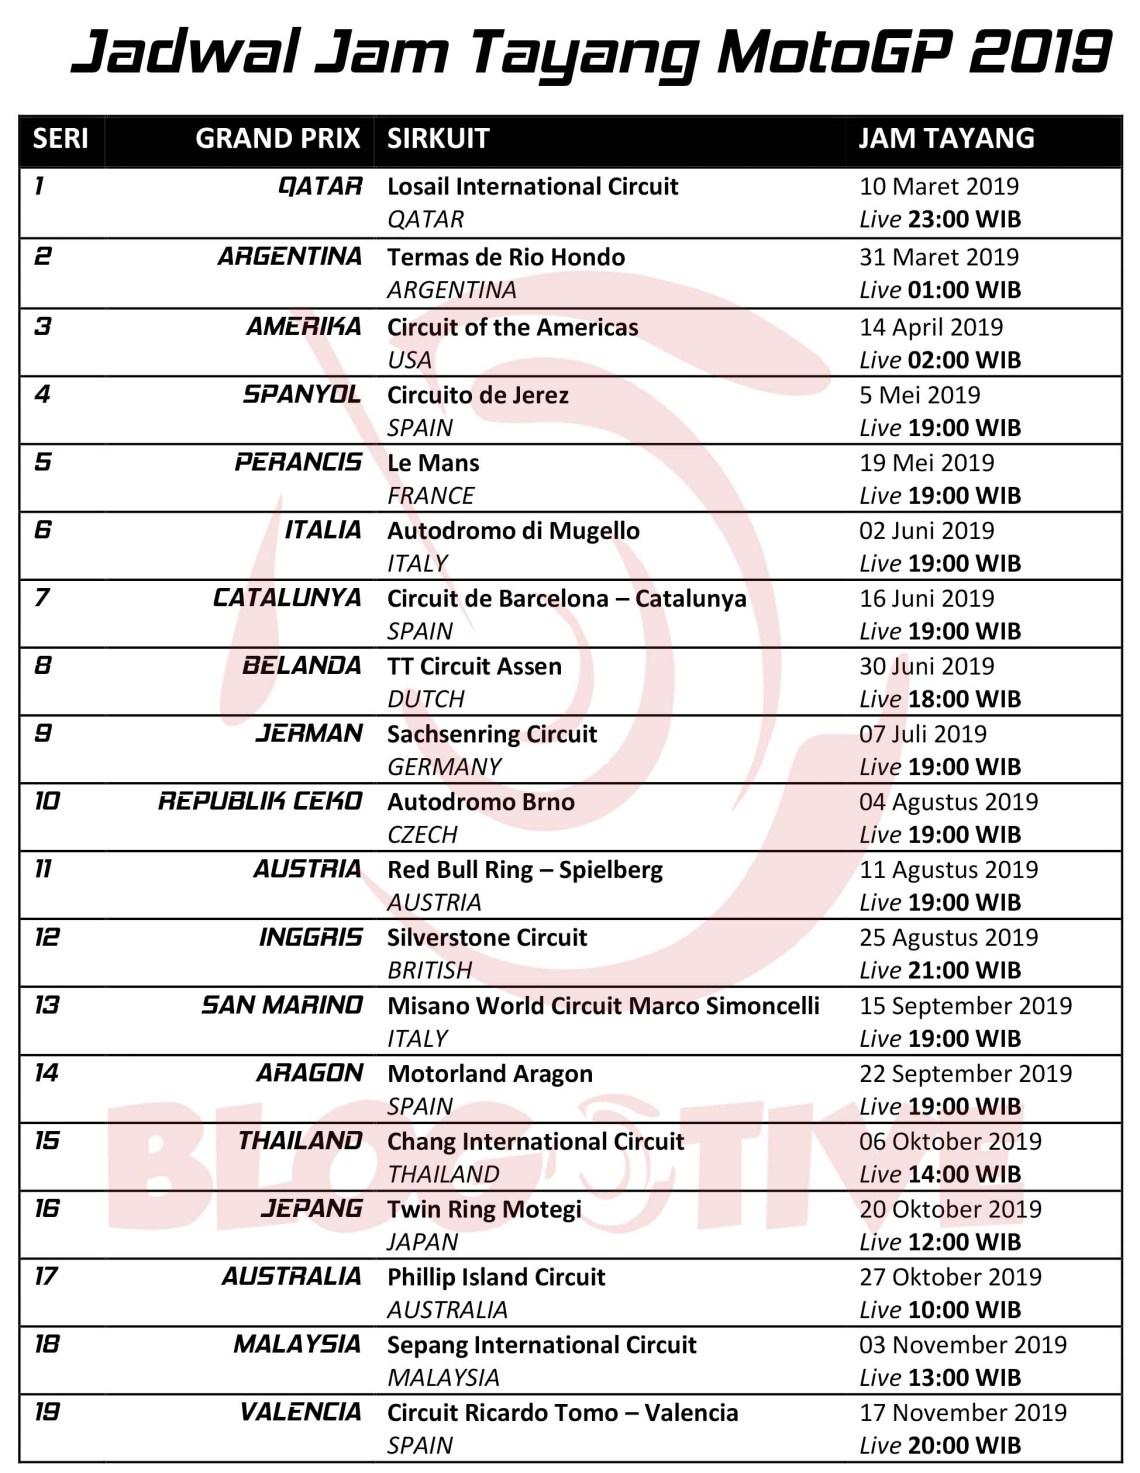 Jadwal Jam Tayang MotoGP 2019